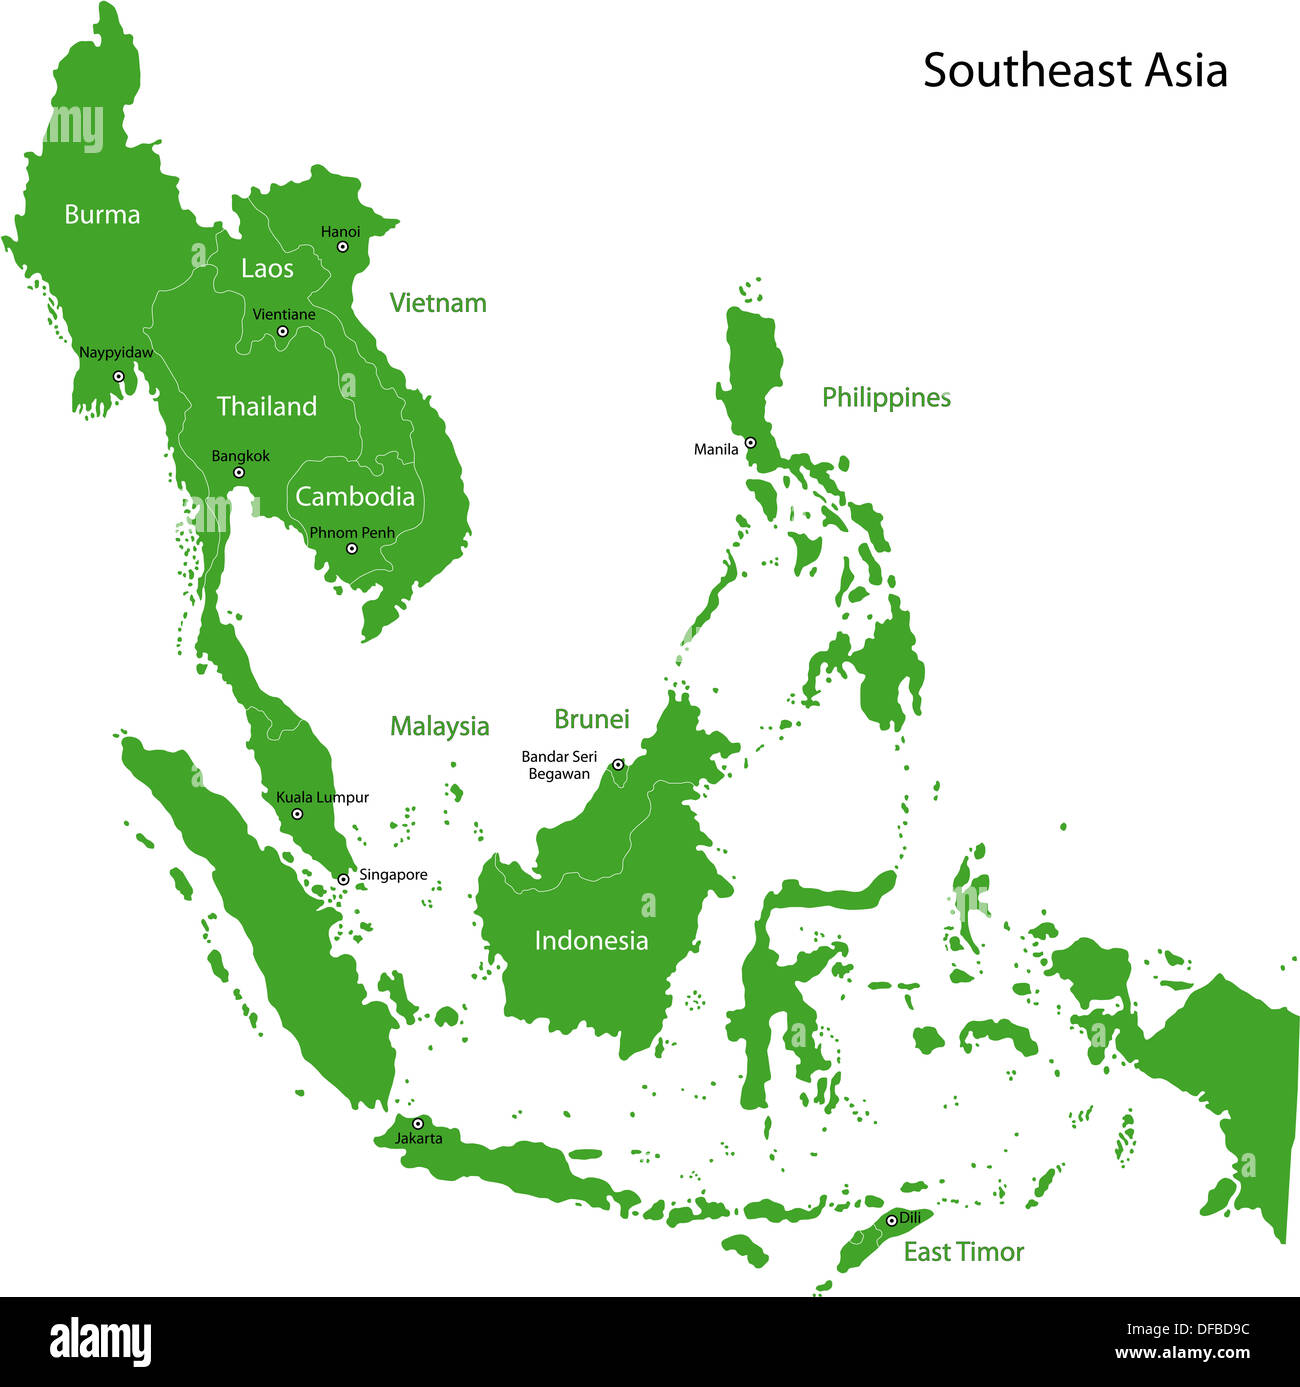 Green Southeastern Asia Stock Photo